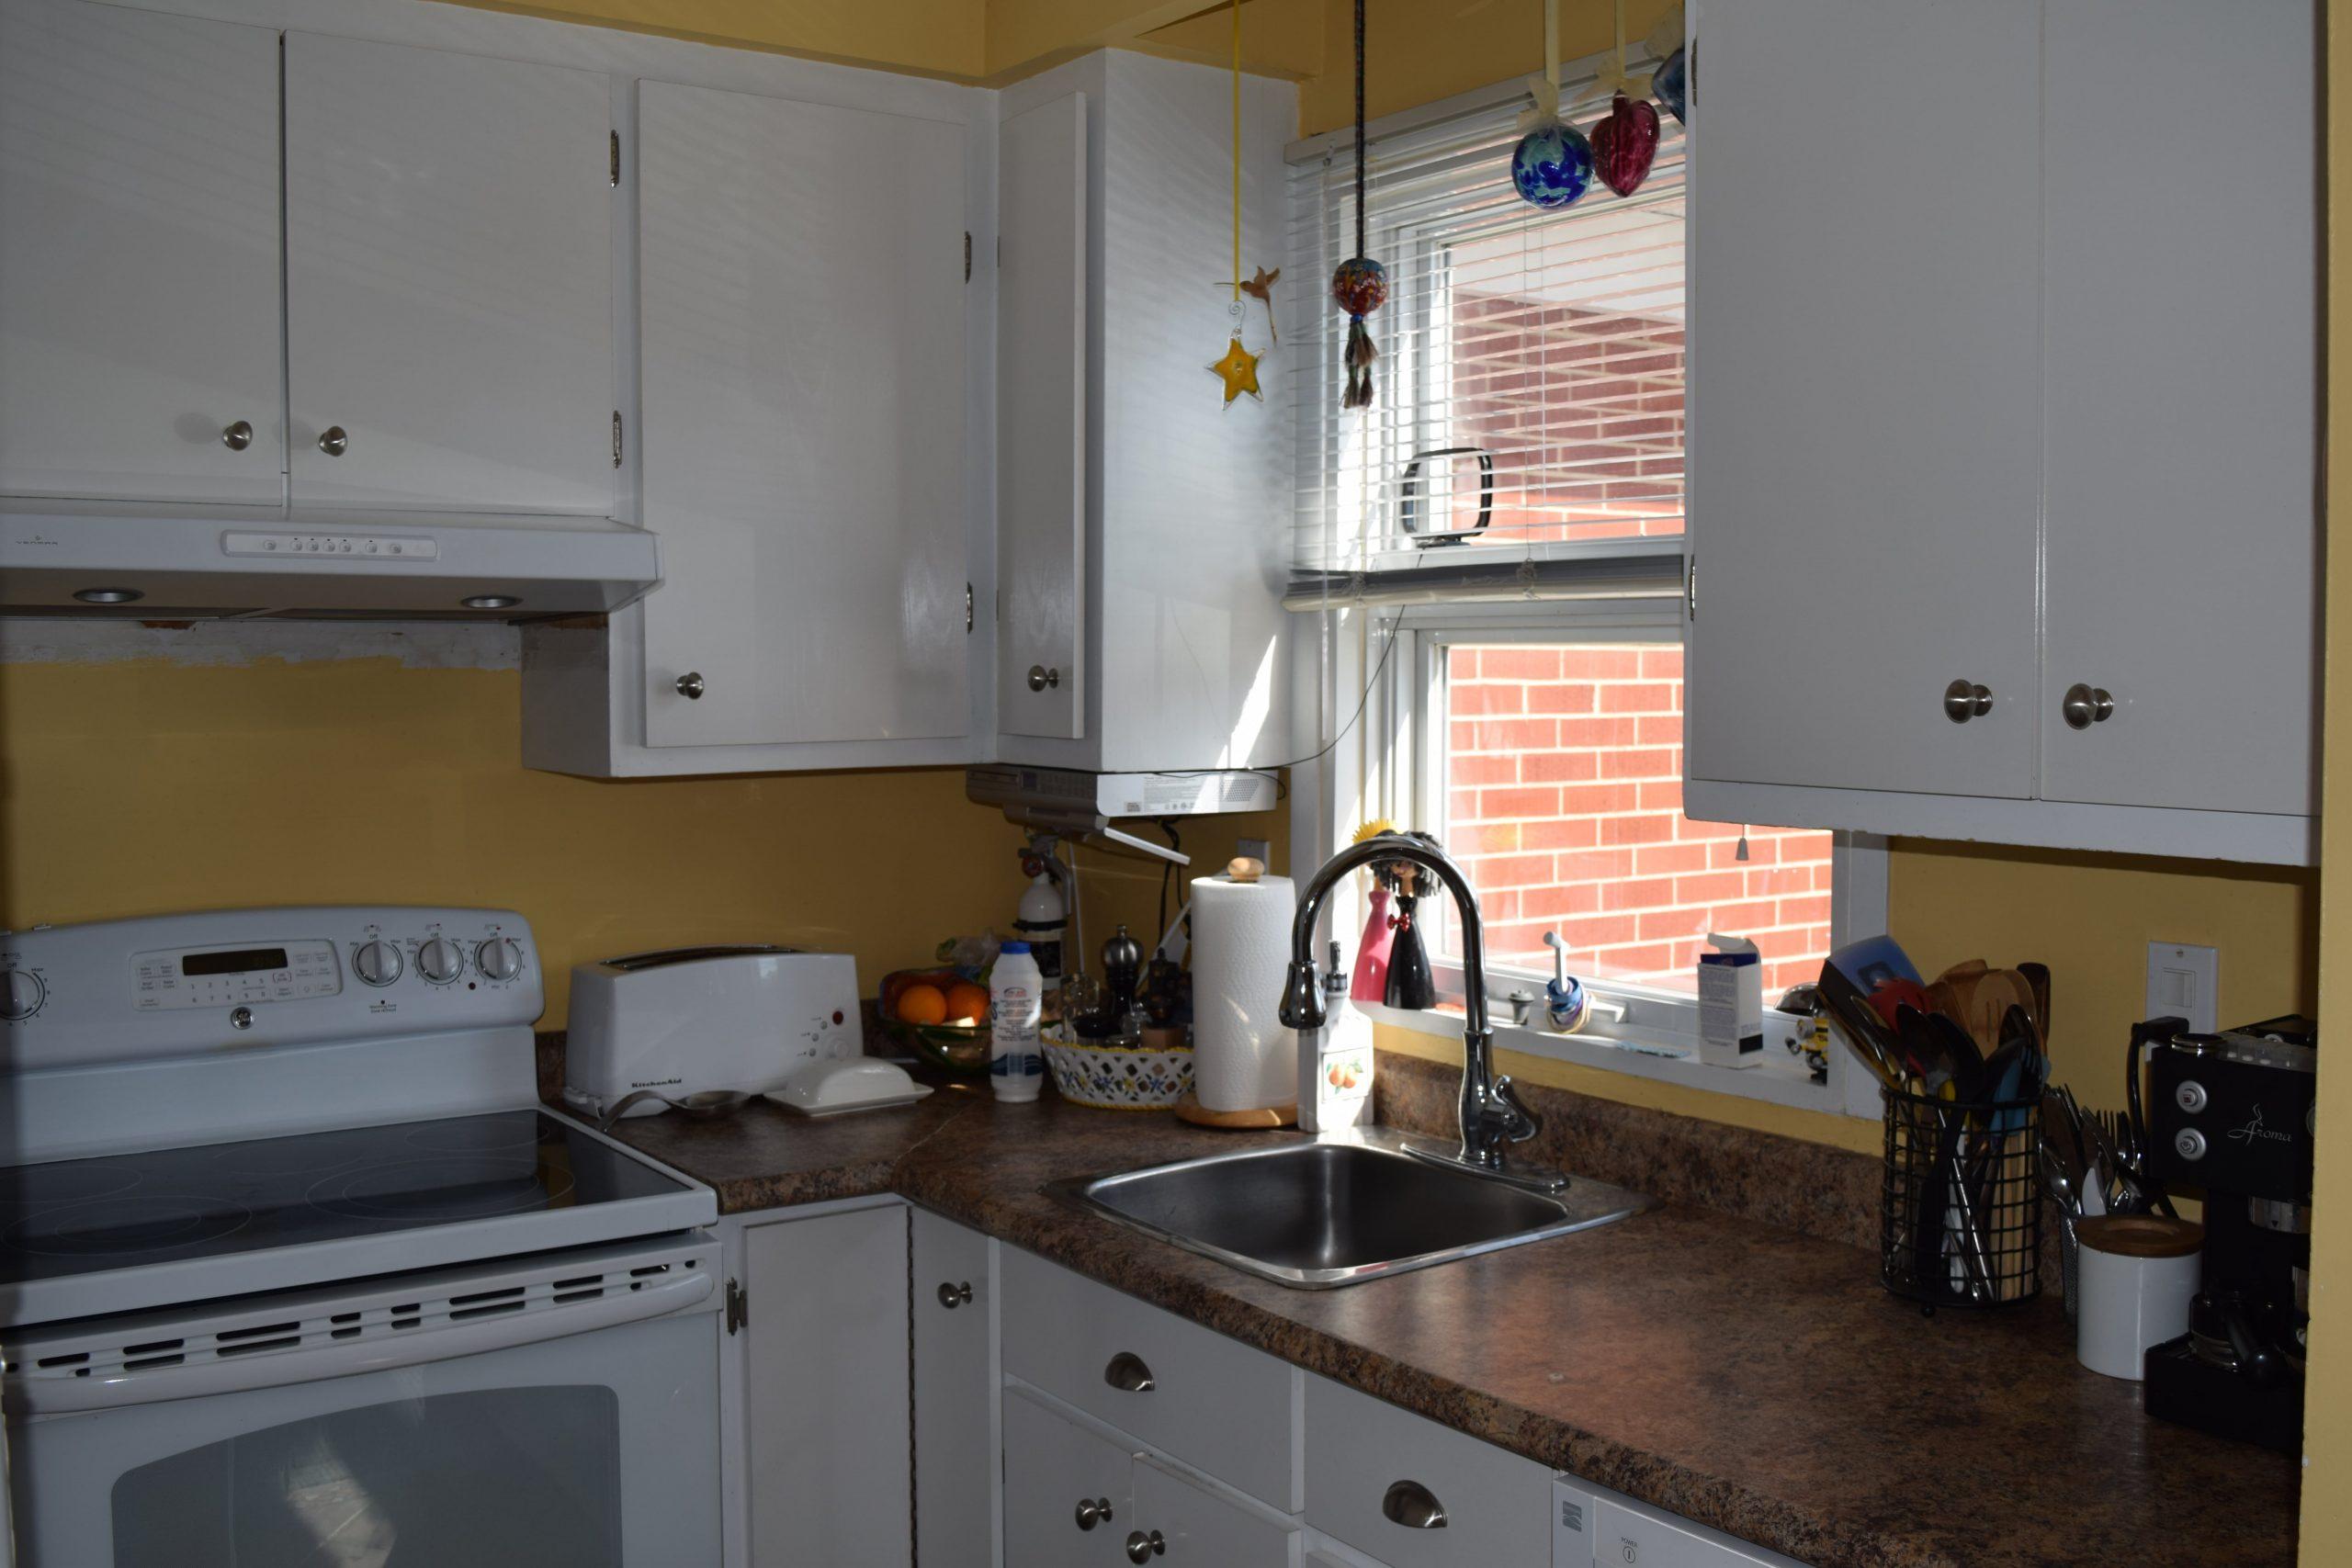 Photo 2 : Maison à Ste-Foy, libre pour Juillet, petit Chien toléré, Chauffage + Eau chaude + Stationnement inclus